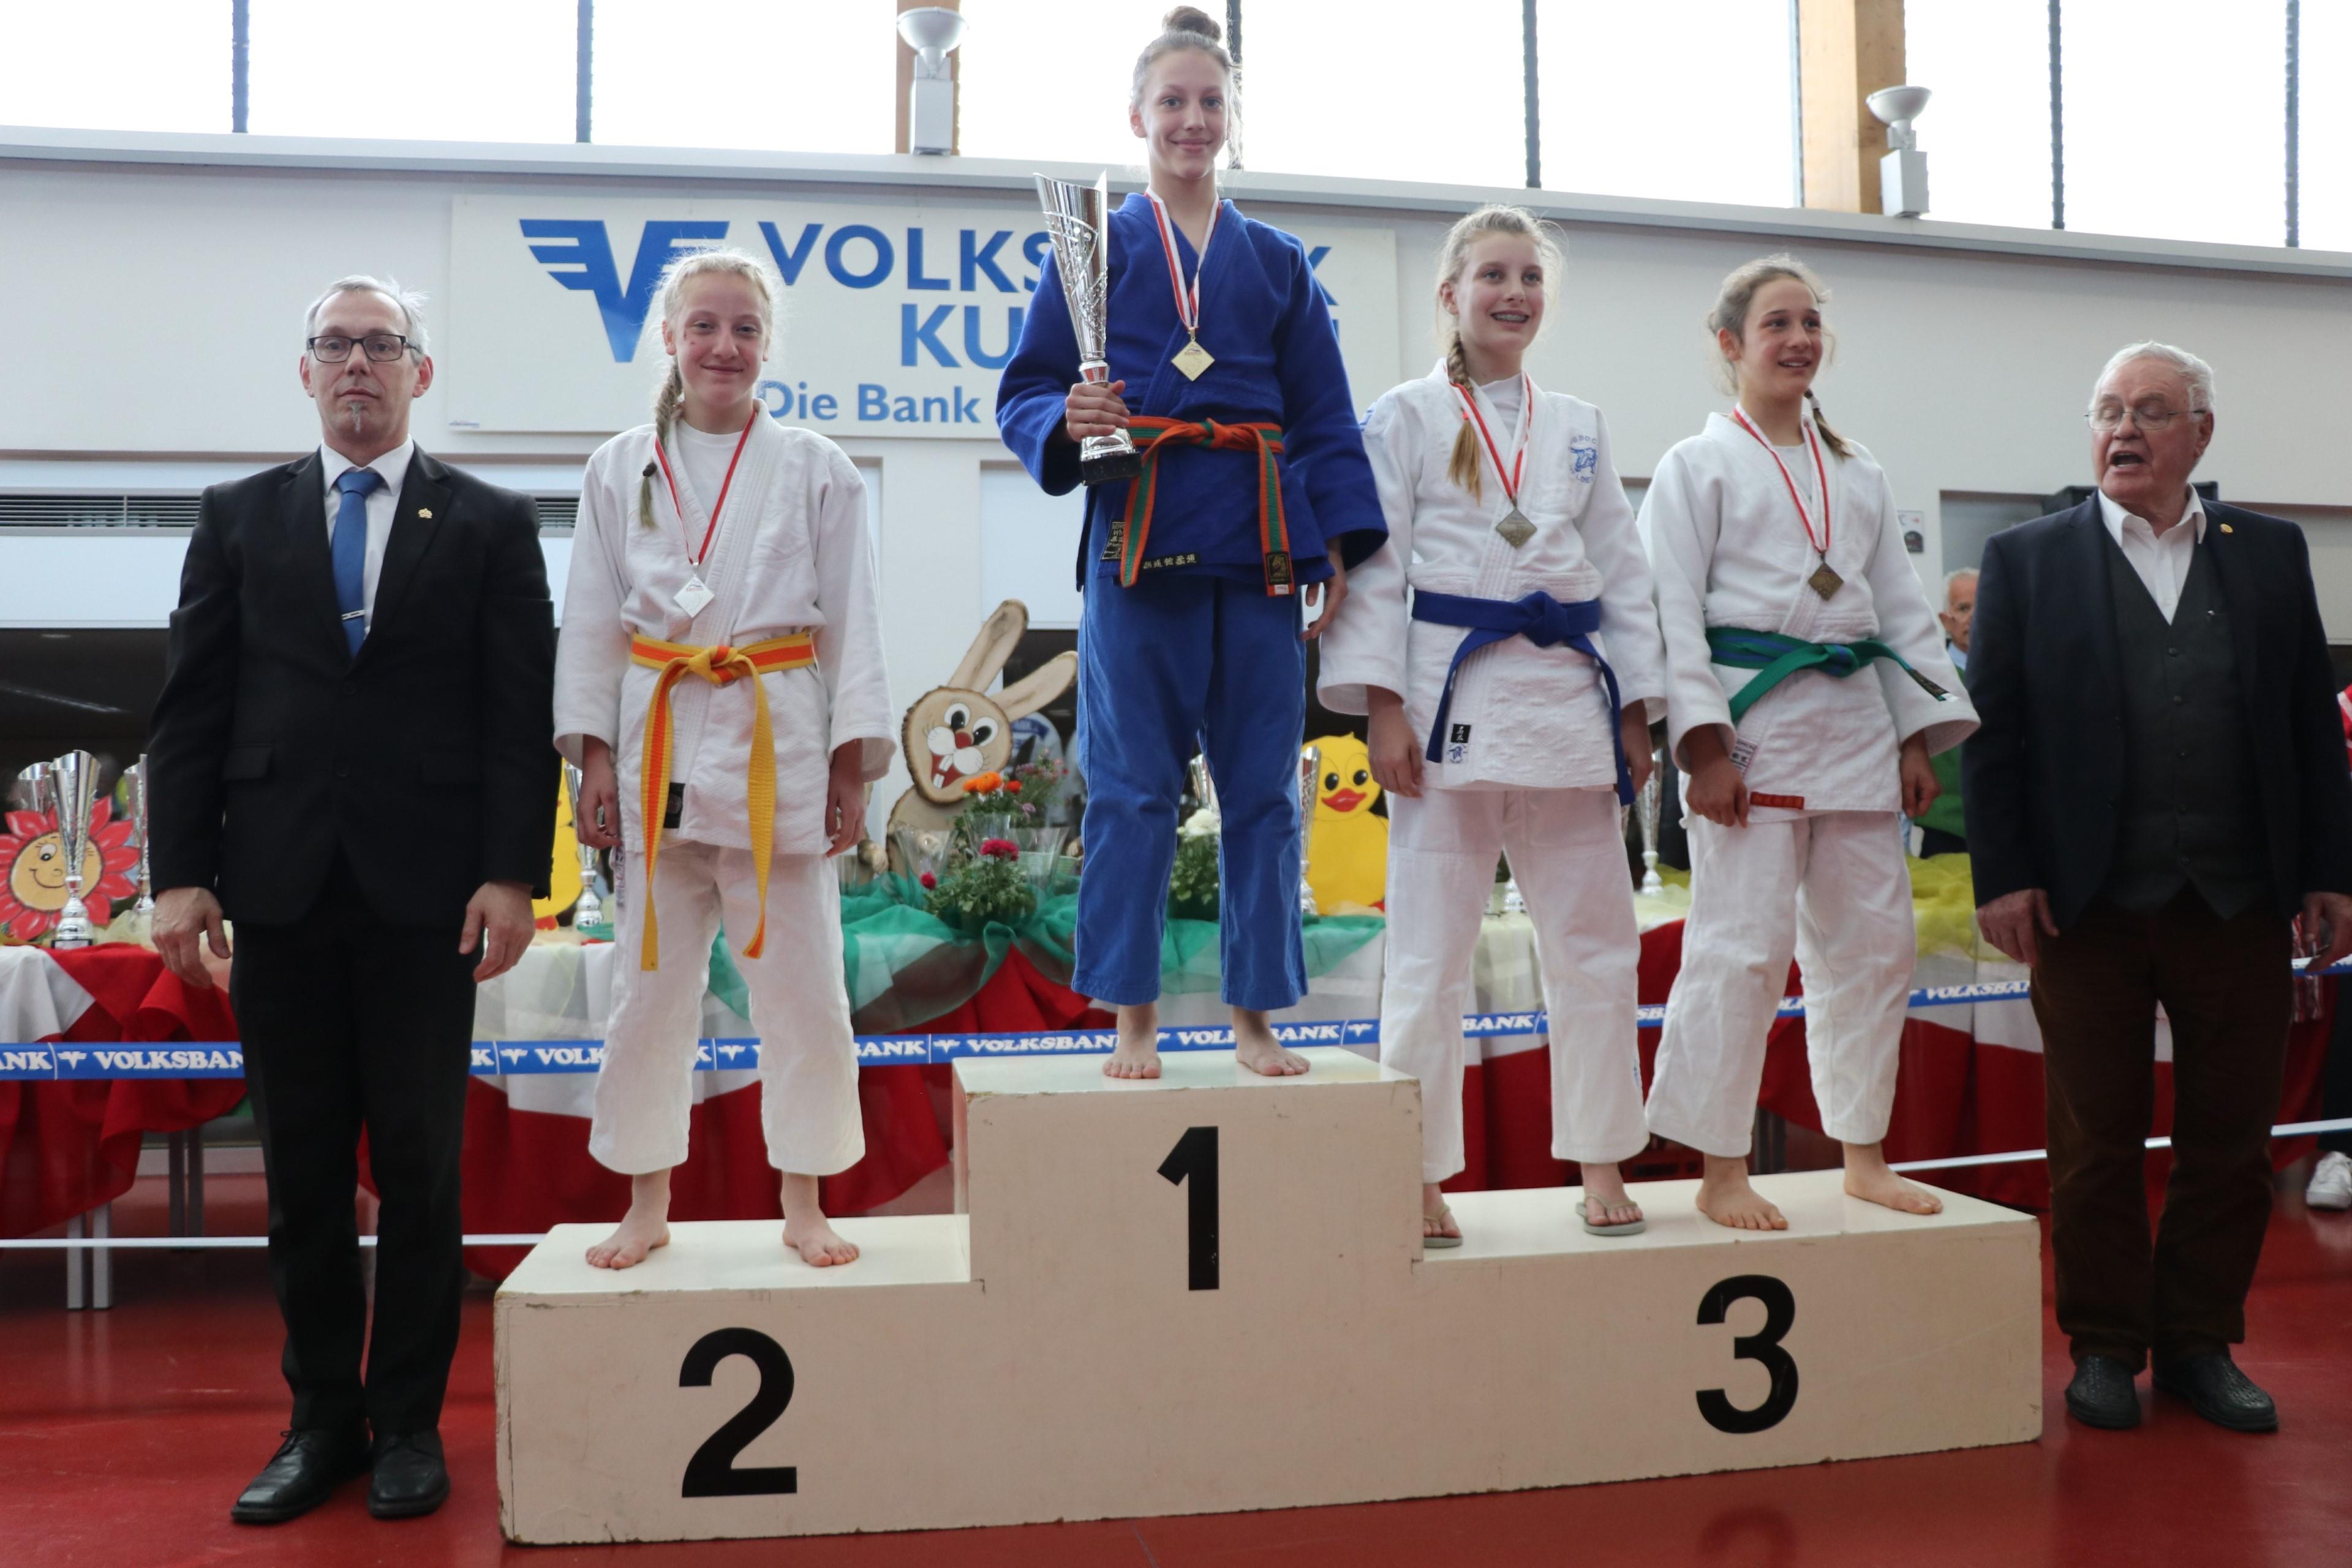 Super Ergebnis beim Int. Judo Osterpokalturnier in Kufstein